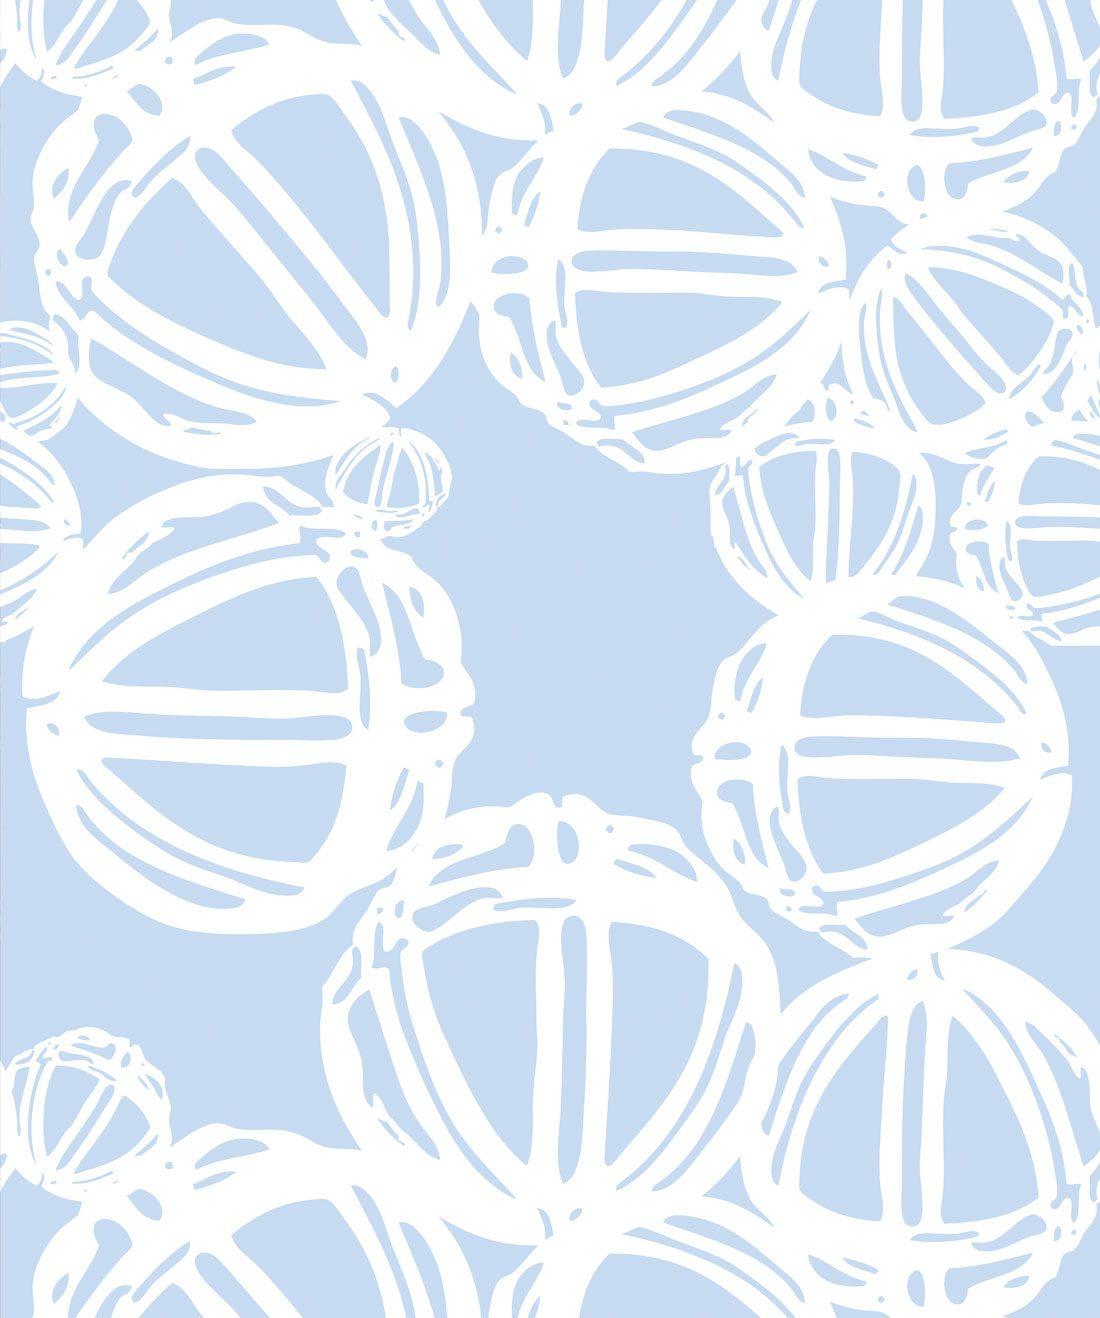 Skittles Wallpaper